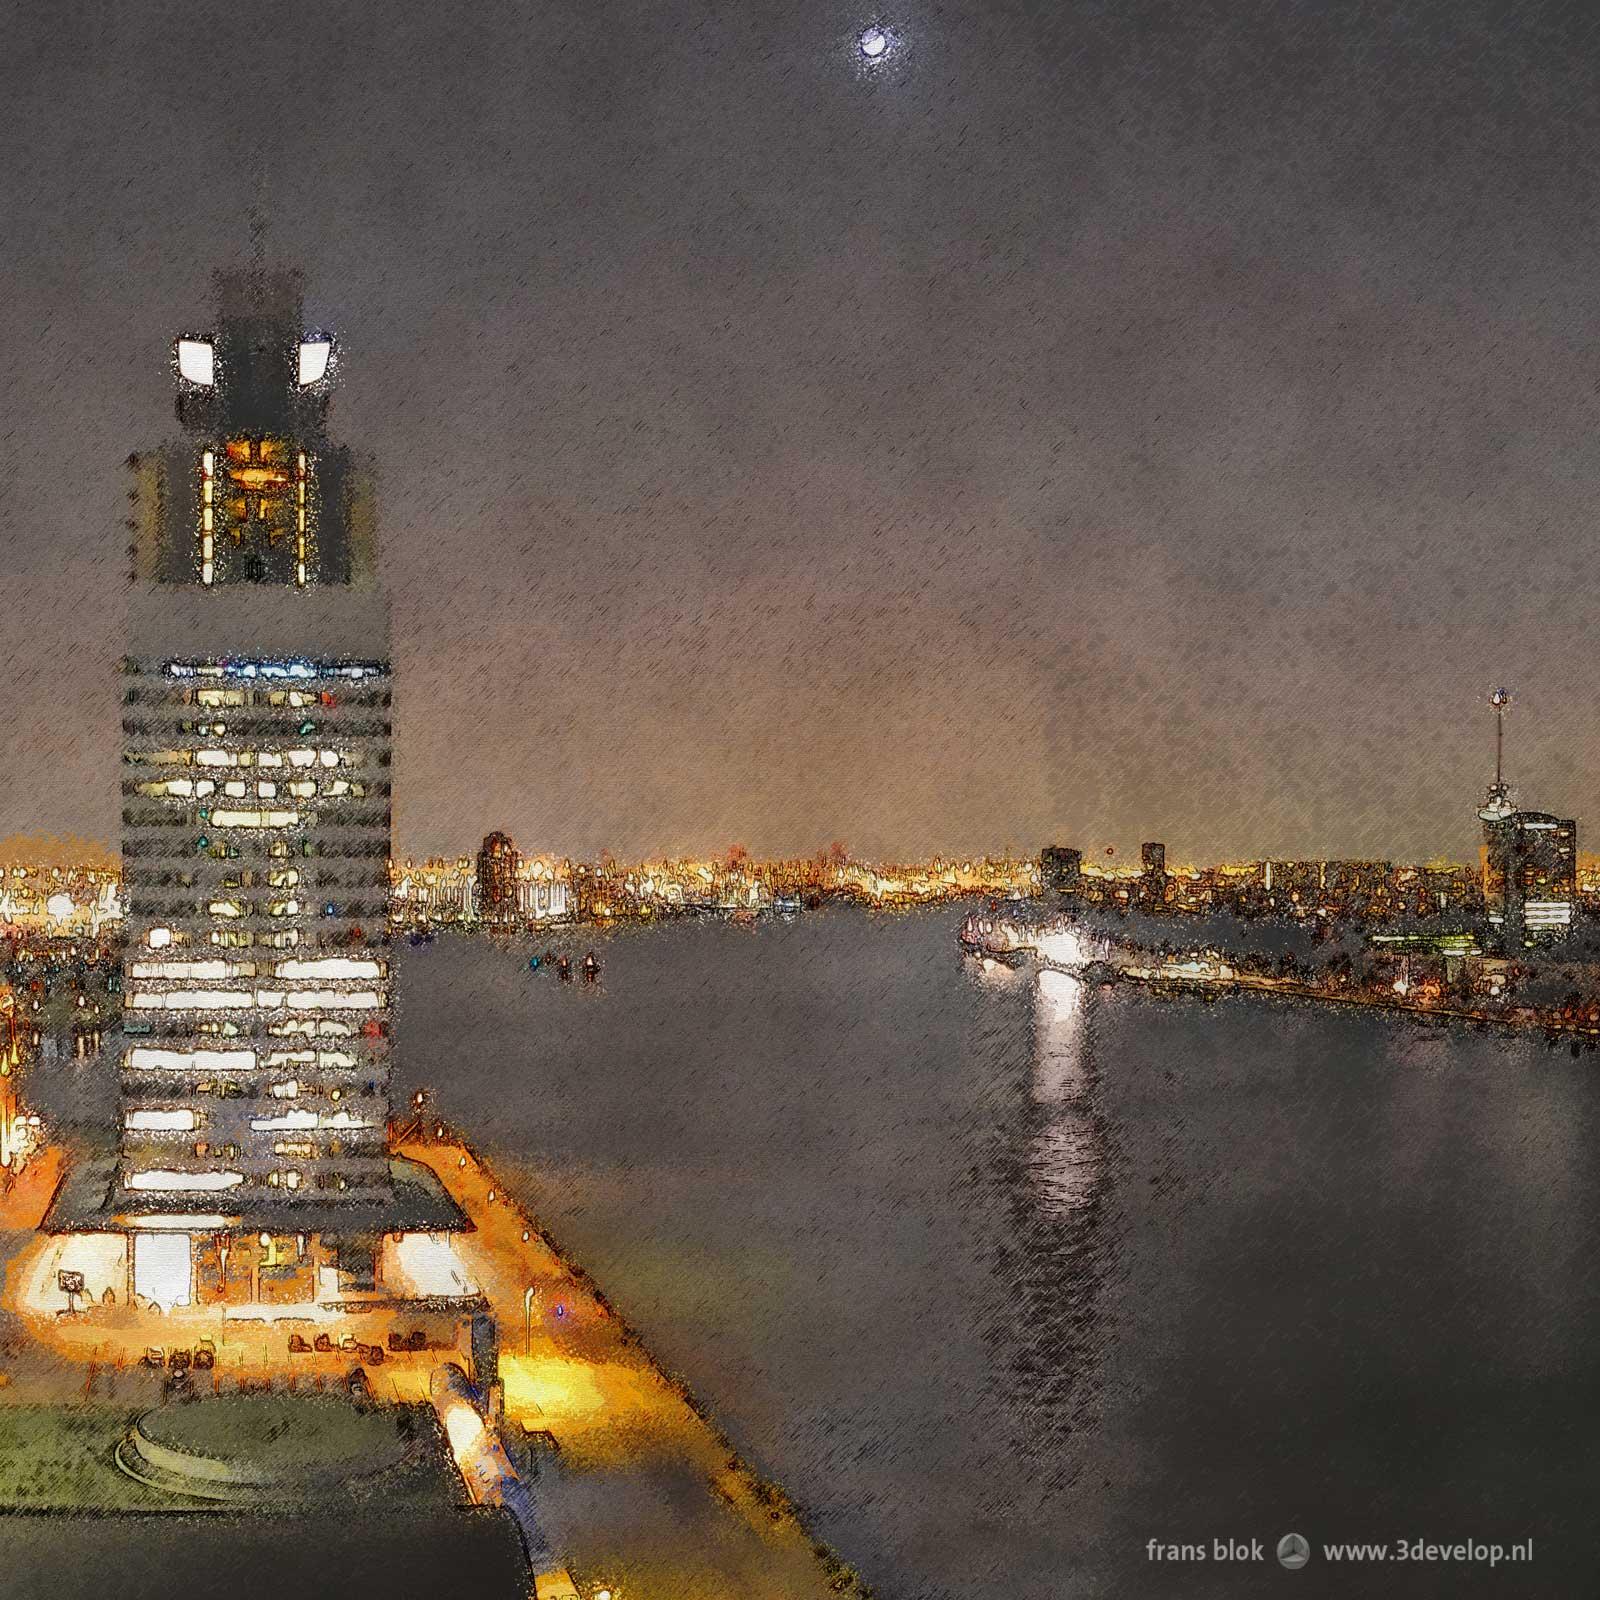 Fragment van een verschilderde foto gemaakt op de veertiende verdieping van de Rotterdam met de Rijnhaven, Katendrecht, Wilhelminapier, Nieuwe Maas and Scheepvaartkwartier